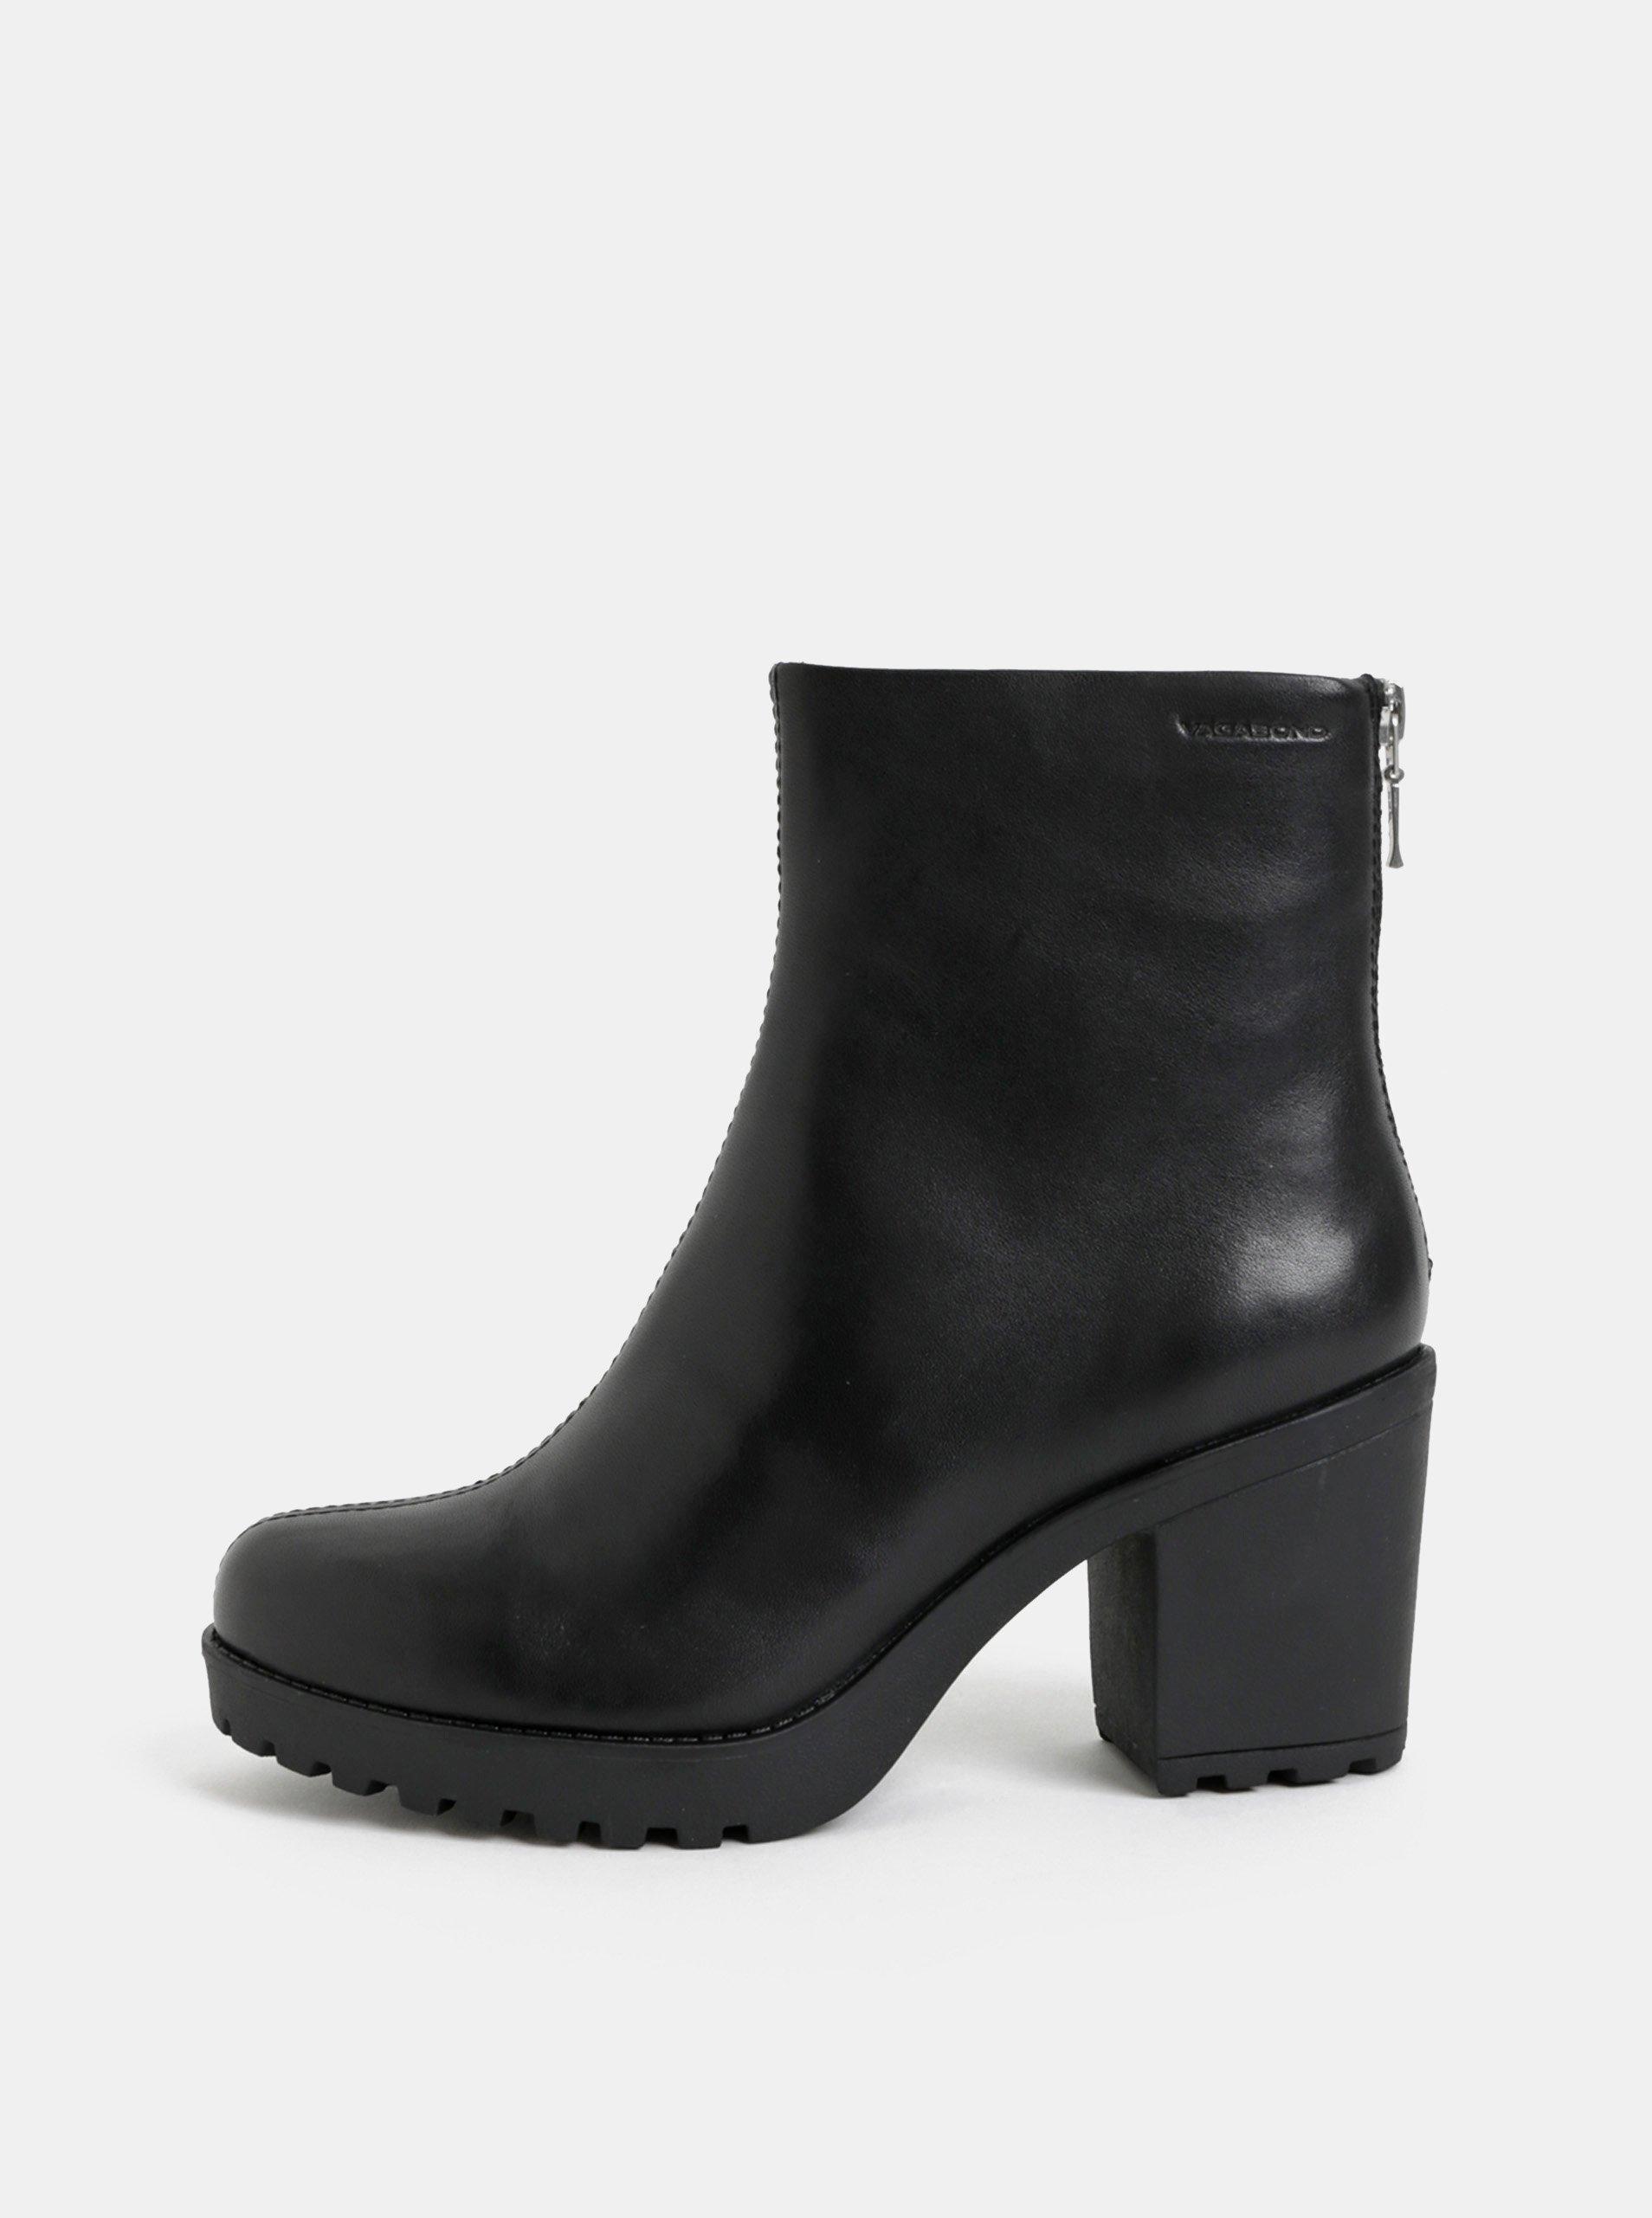 Černé dámské kožené kotníkové boty na podpatku Vagabond Grace